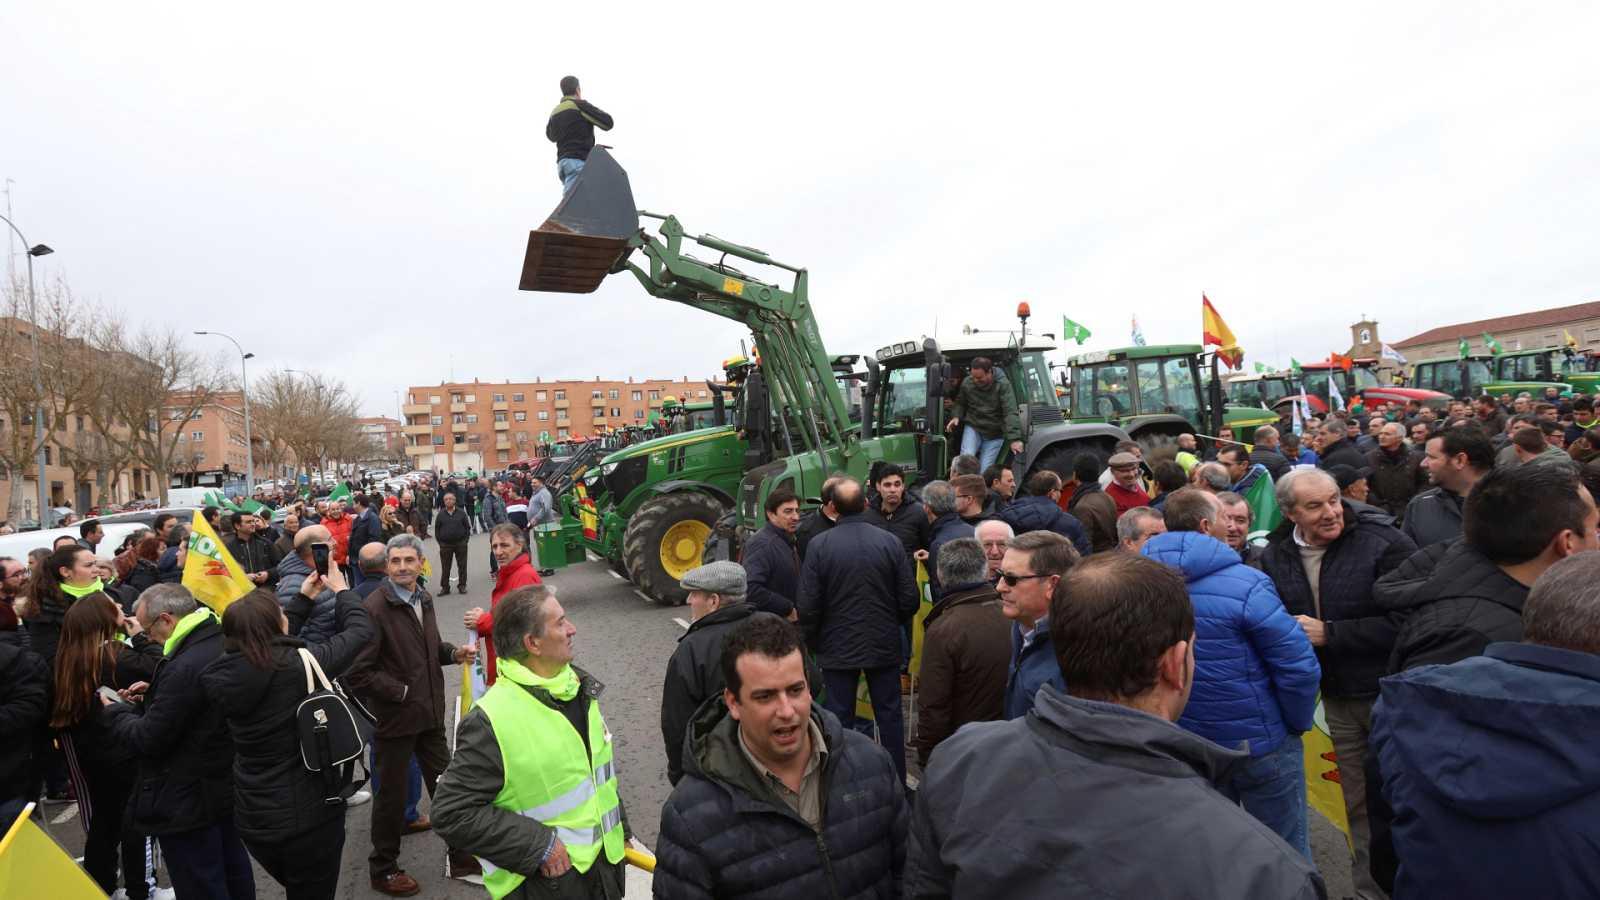 La Mañana - Así ha acontecido la manifestación de los olivareros de Jaén: en pie de guerra contra los desorbitados precios